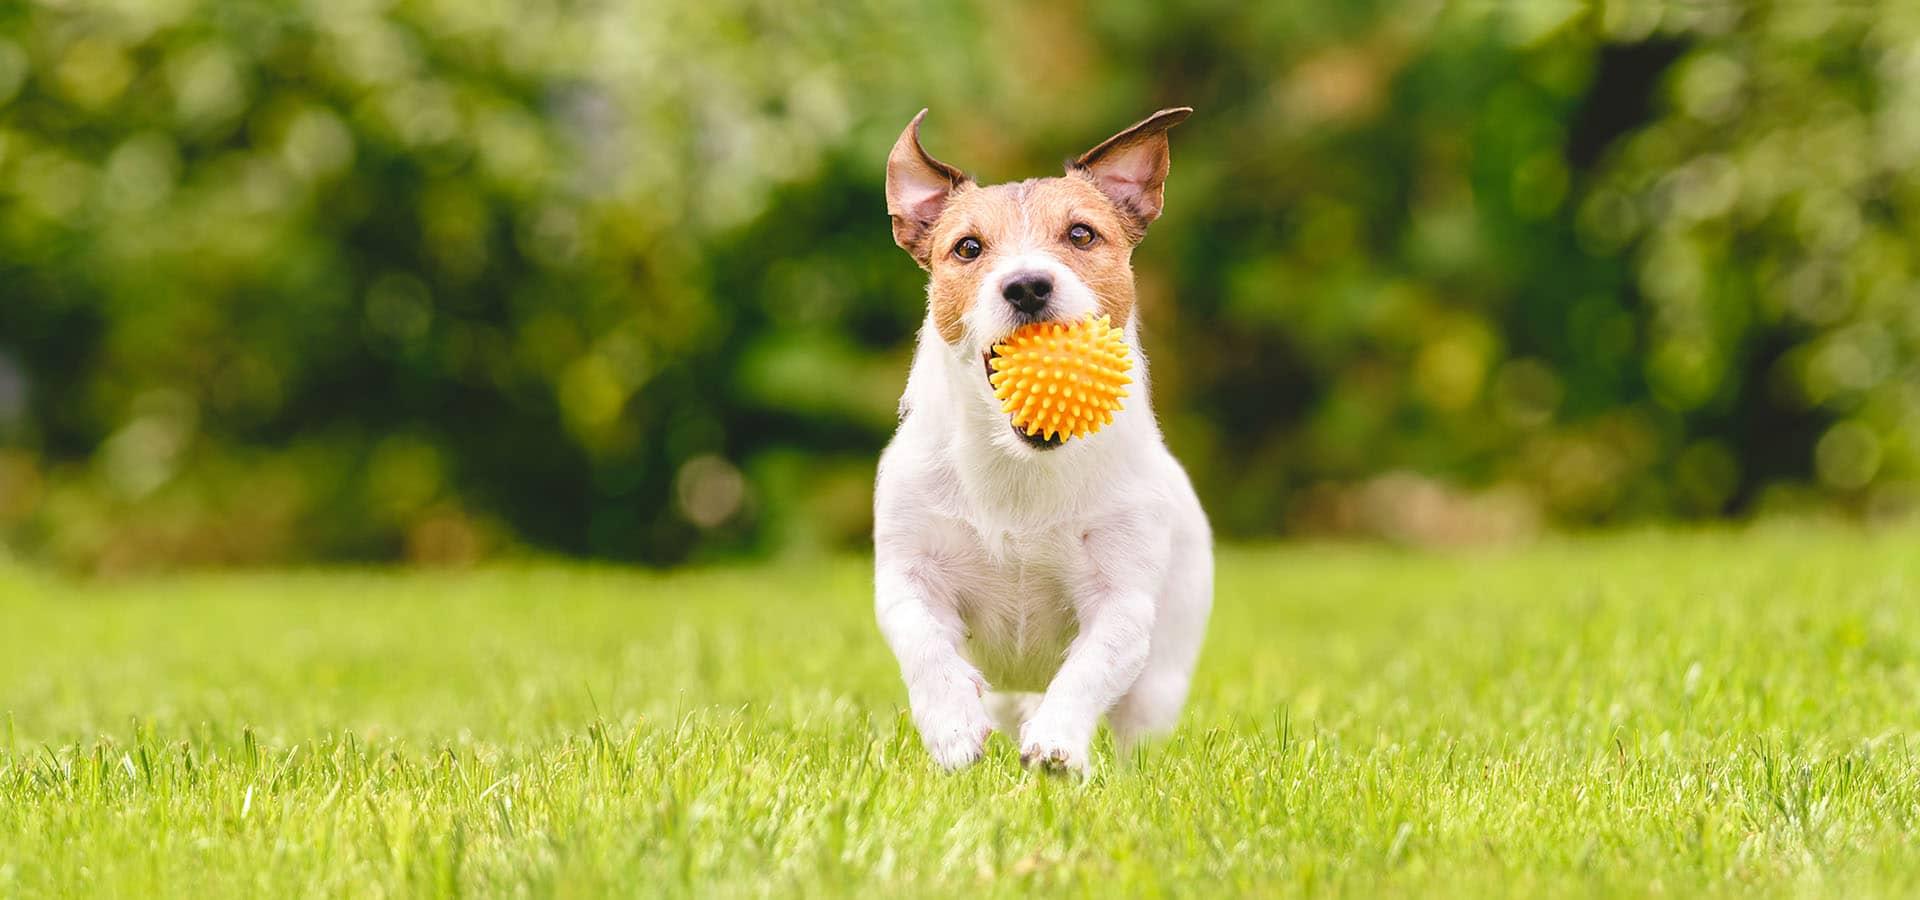 Hund mit Spielzeug im Maul laufend